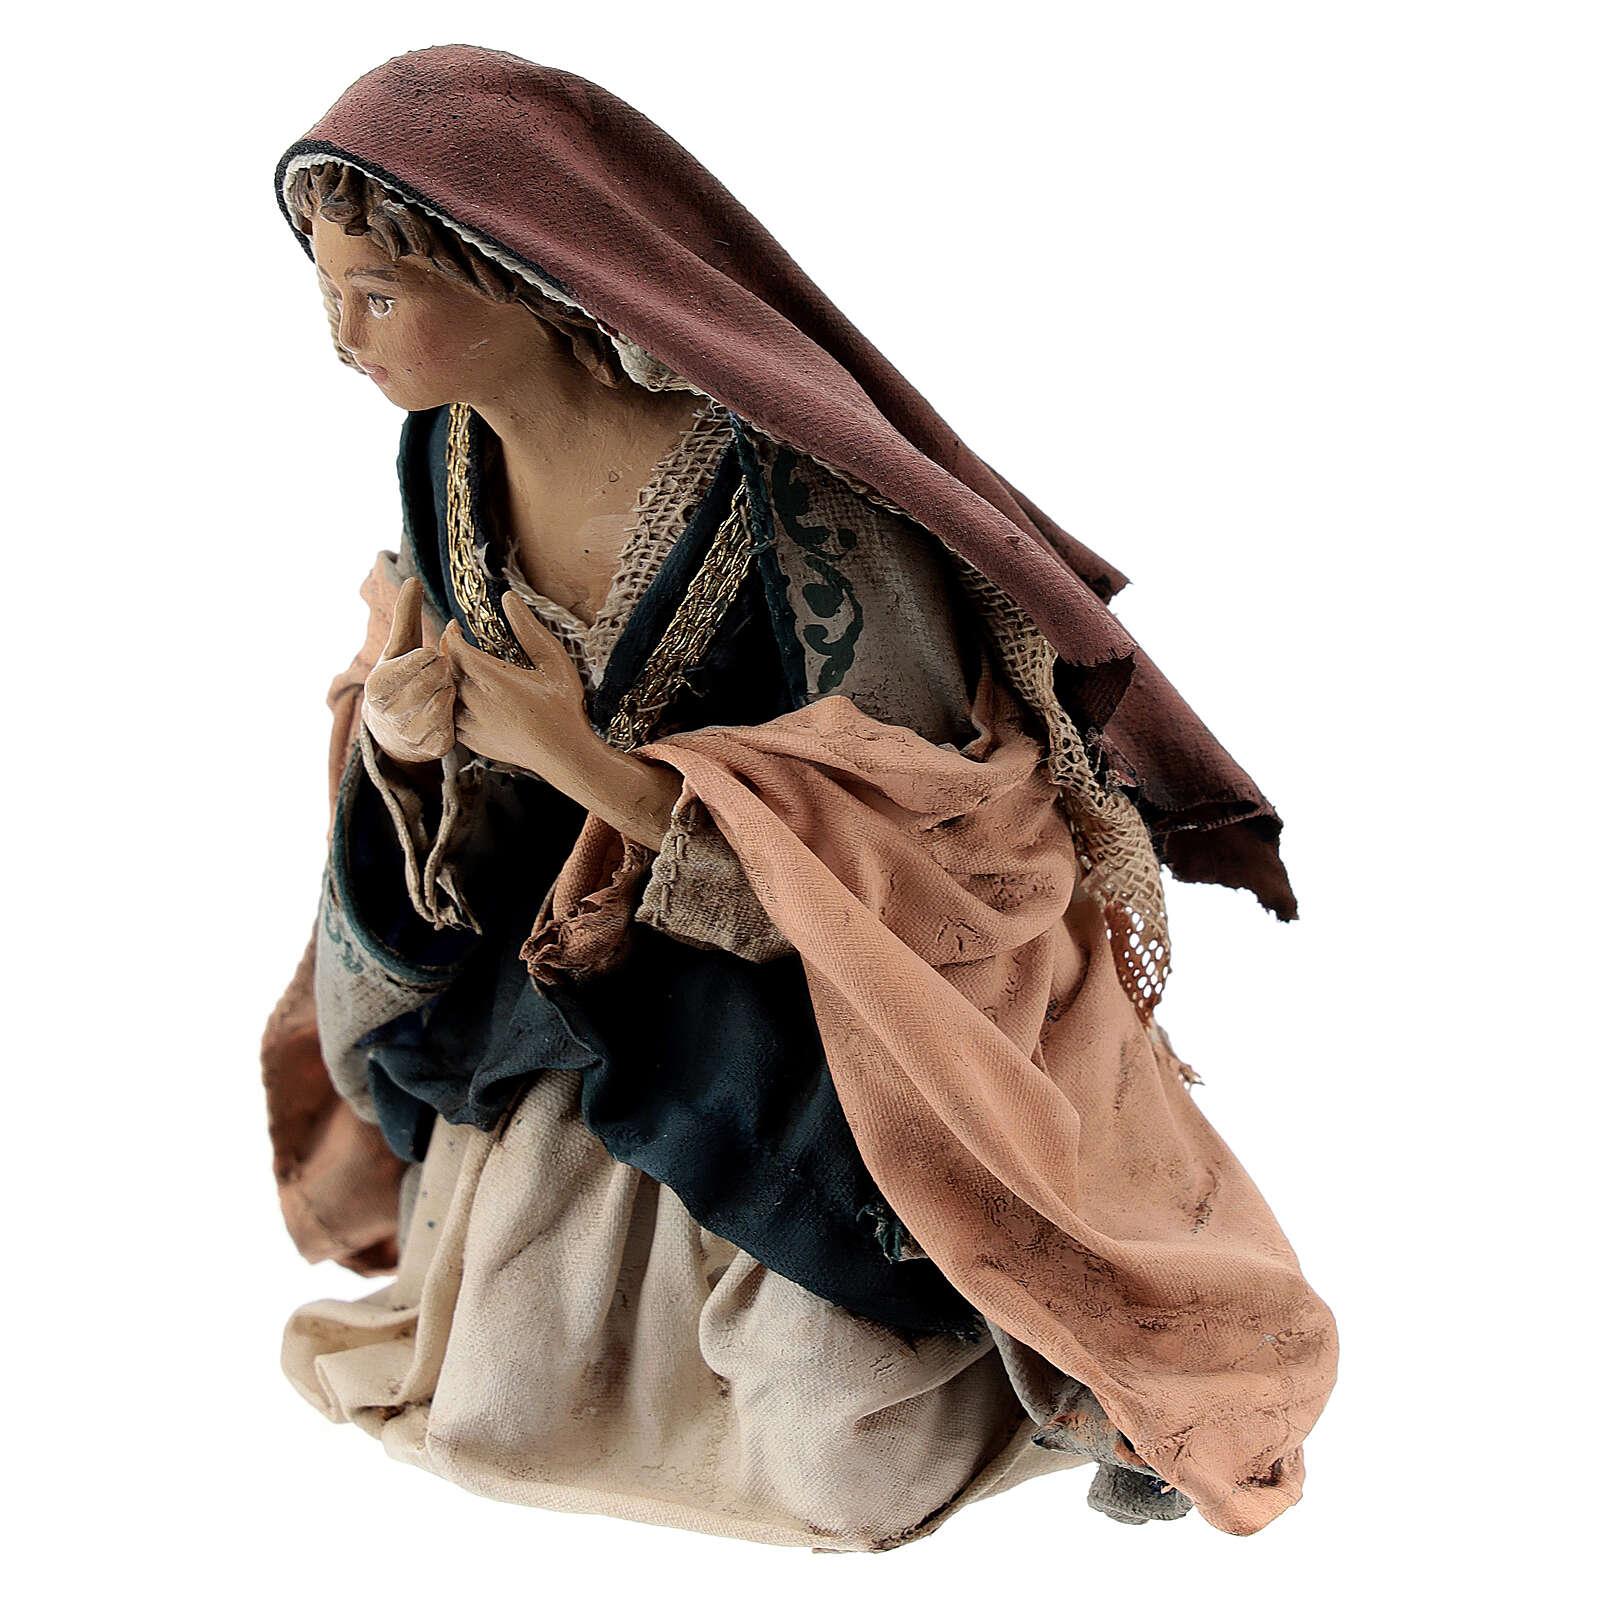 Nativité 13 cm crèche Angela Tripi 4